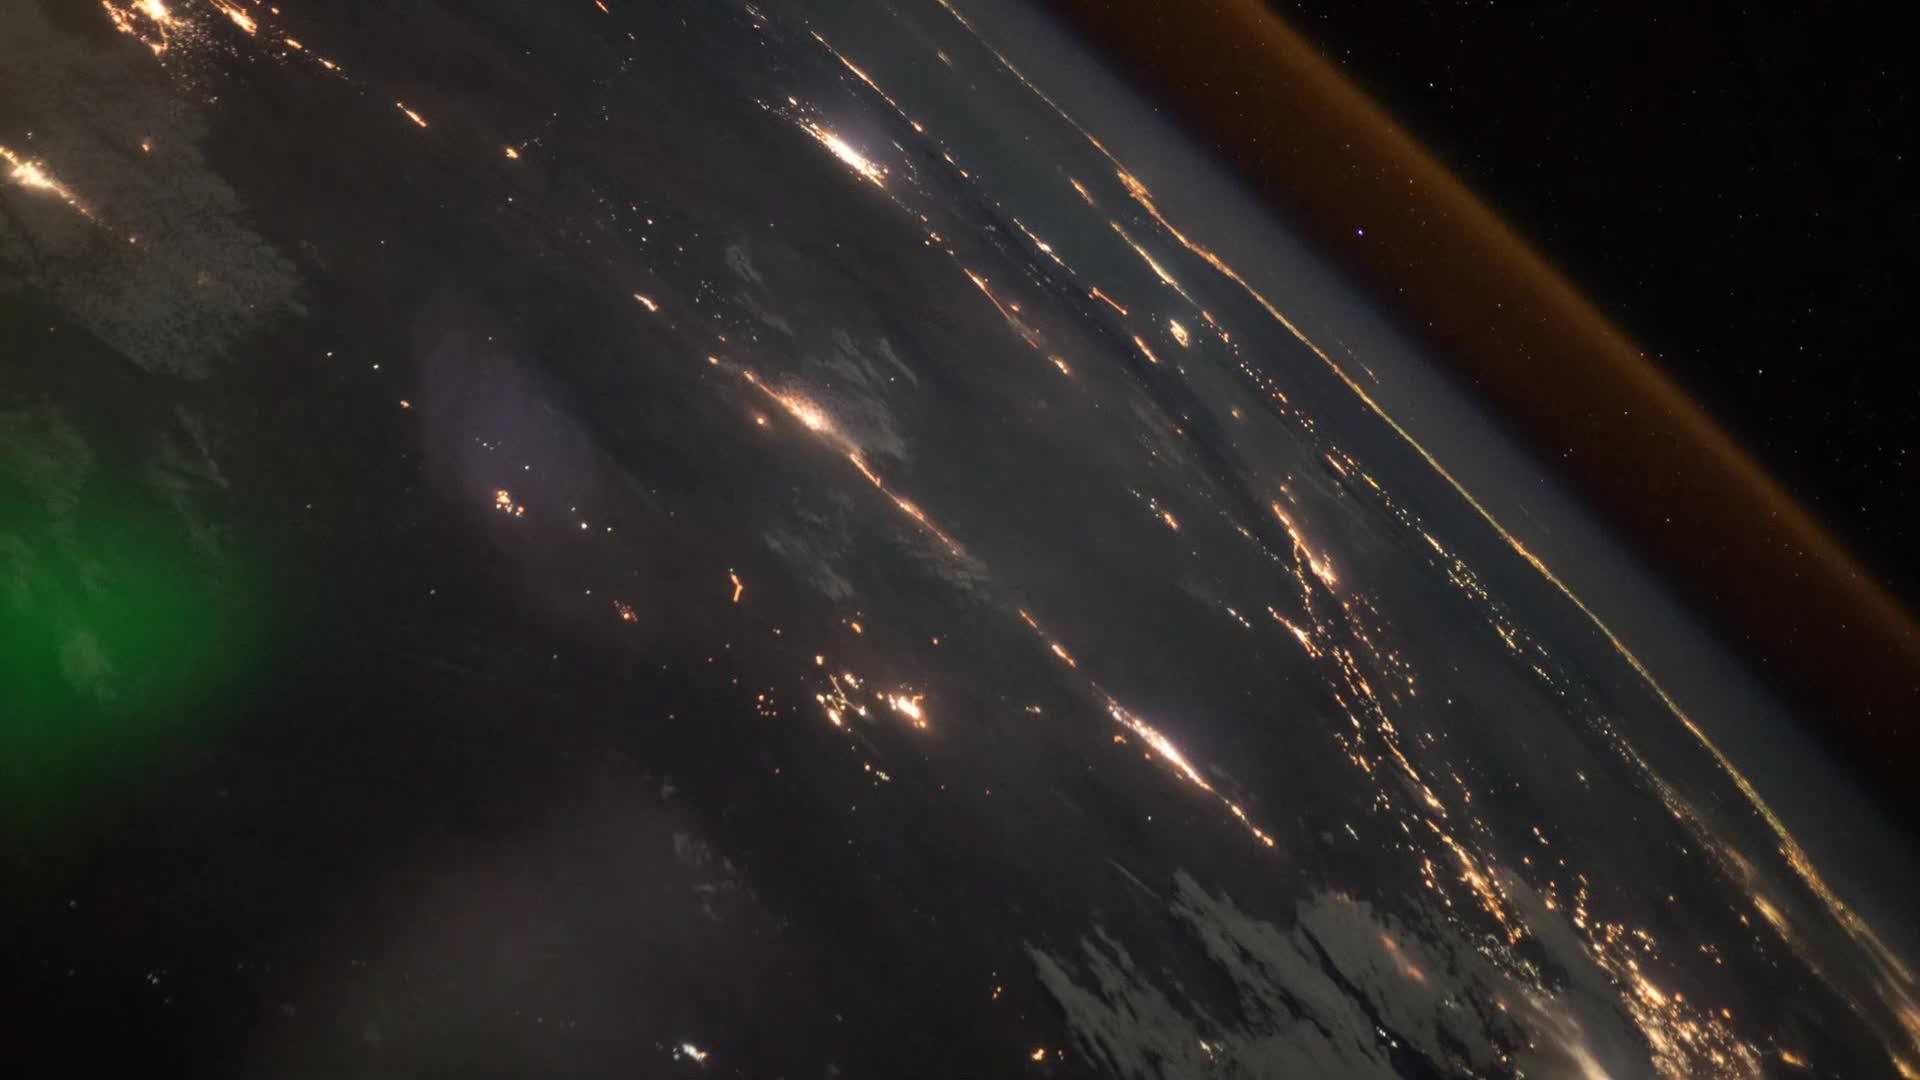 Forschung, Kamera, Bilder, Weltraum, Nasa, Raumfahrt, Weltall, Rakete, Aufnahme, Iss, Erde, Raumstation, Astronaut, Nahaufnahme, Raketenstart